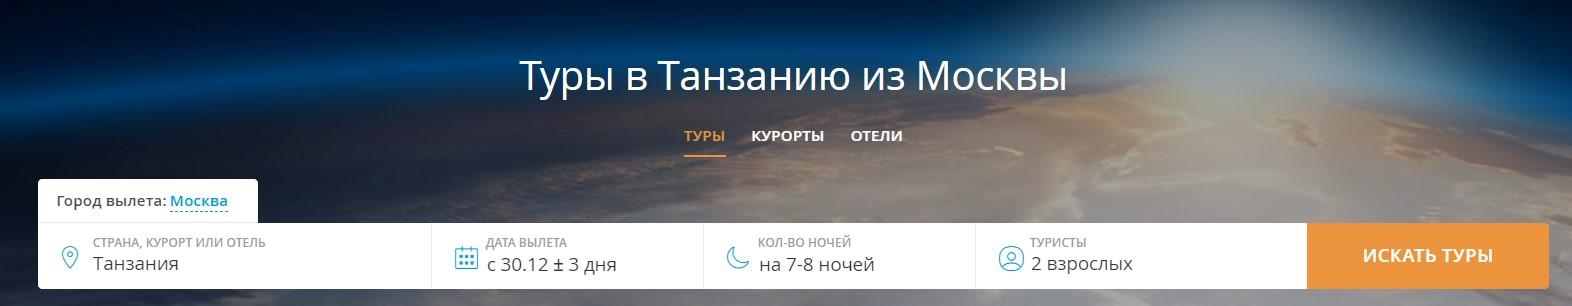 Туры в Танзанию из Москвы